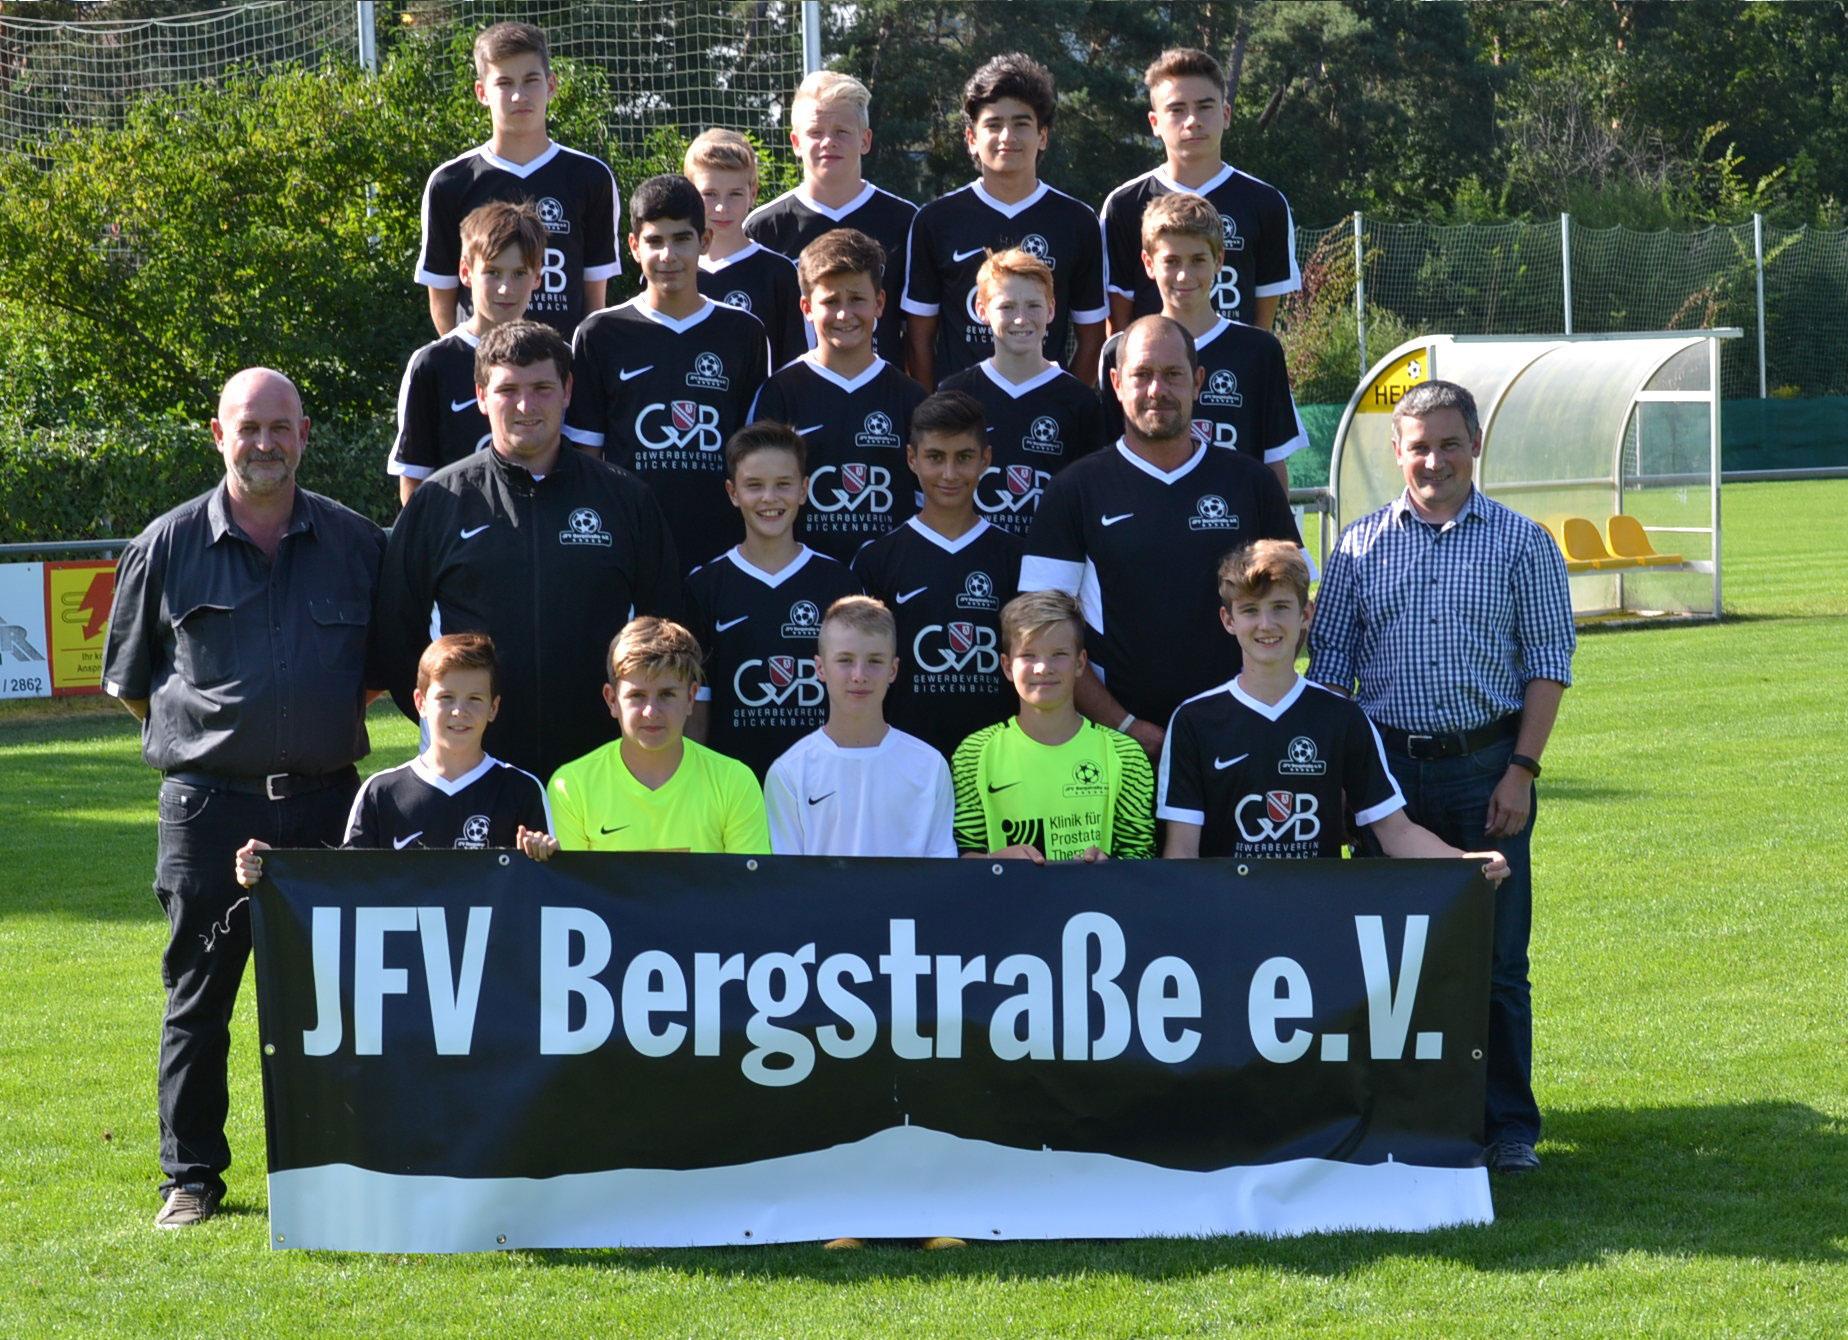 C1 Mannschaft des JFV Bergstraße - mit neuen Trikots vom Bickenbacher Gewerbeverein zum Sieg.